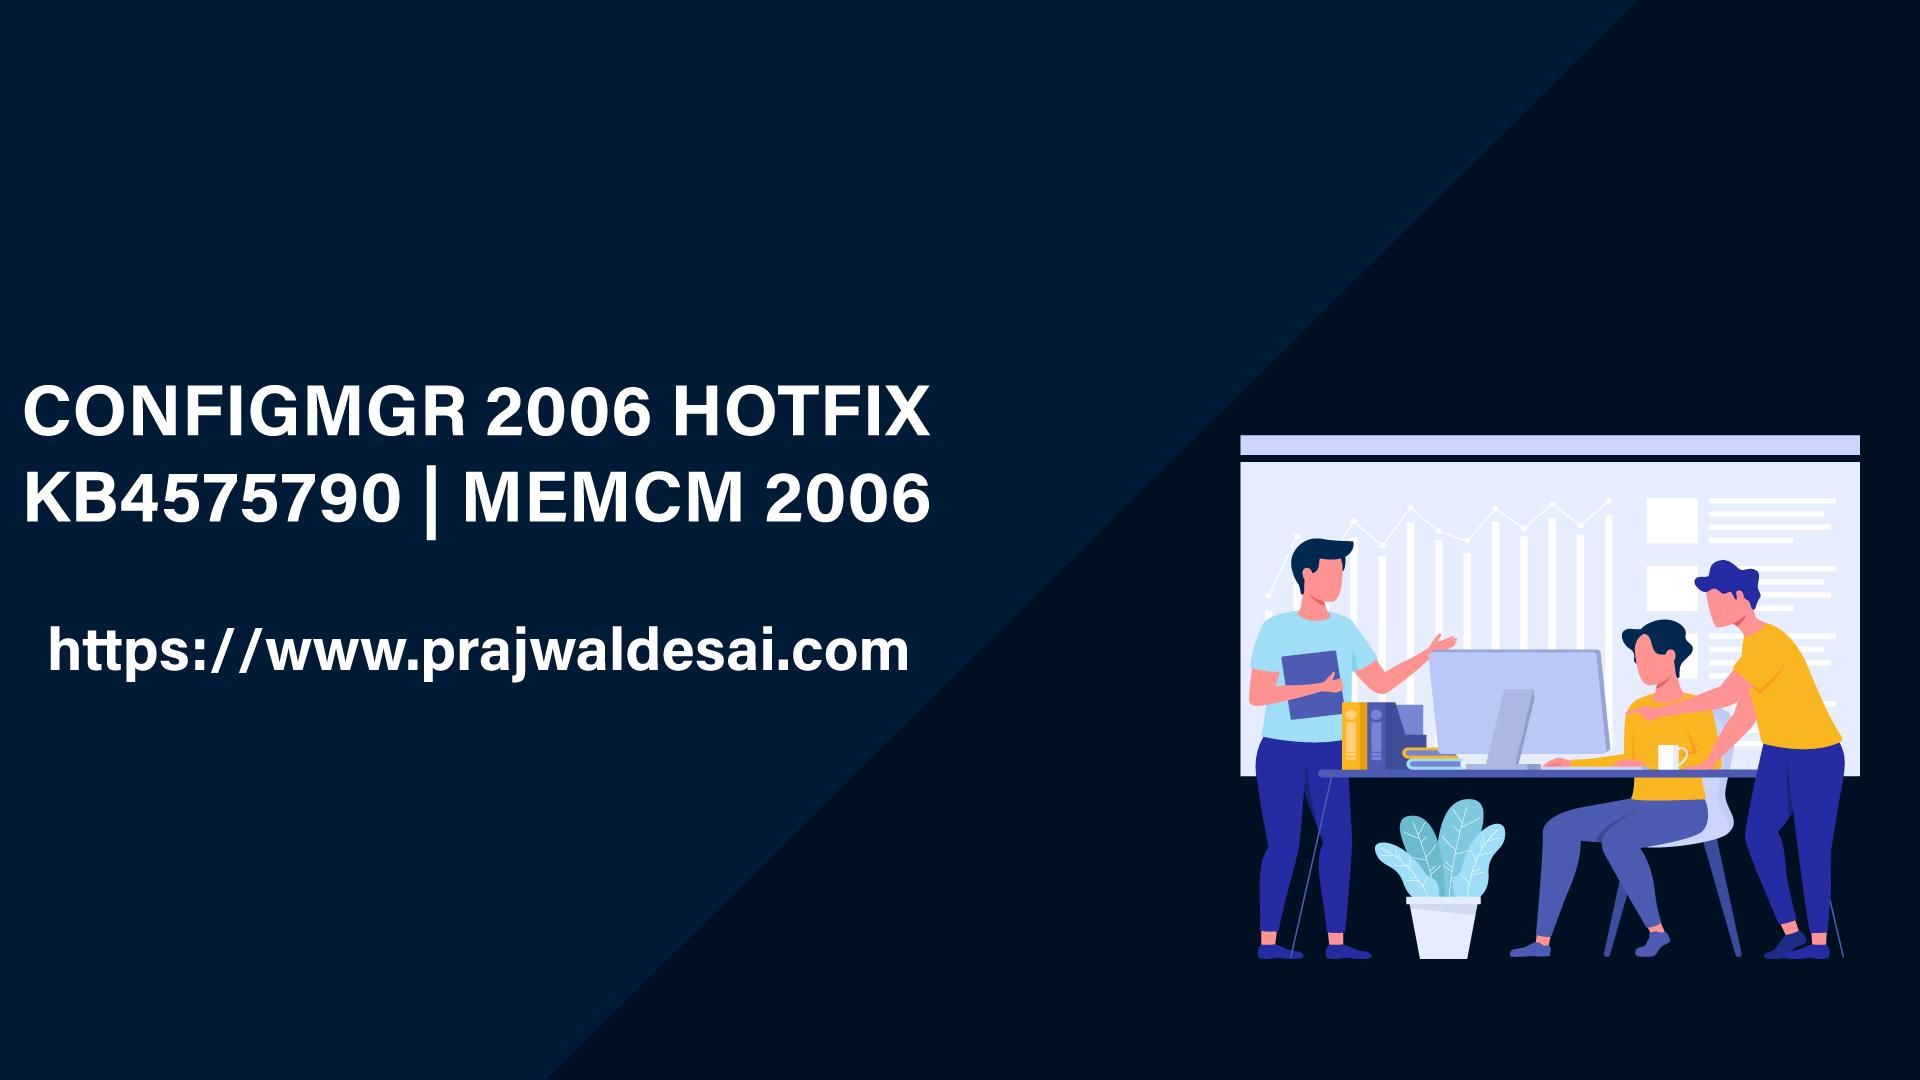 ConfigMgr 2006 Hotfix KB4575790